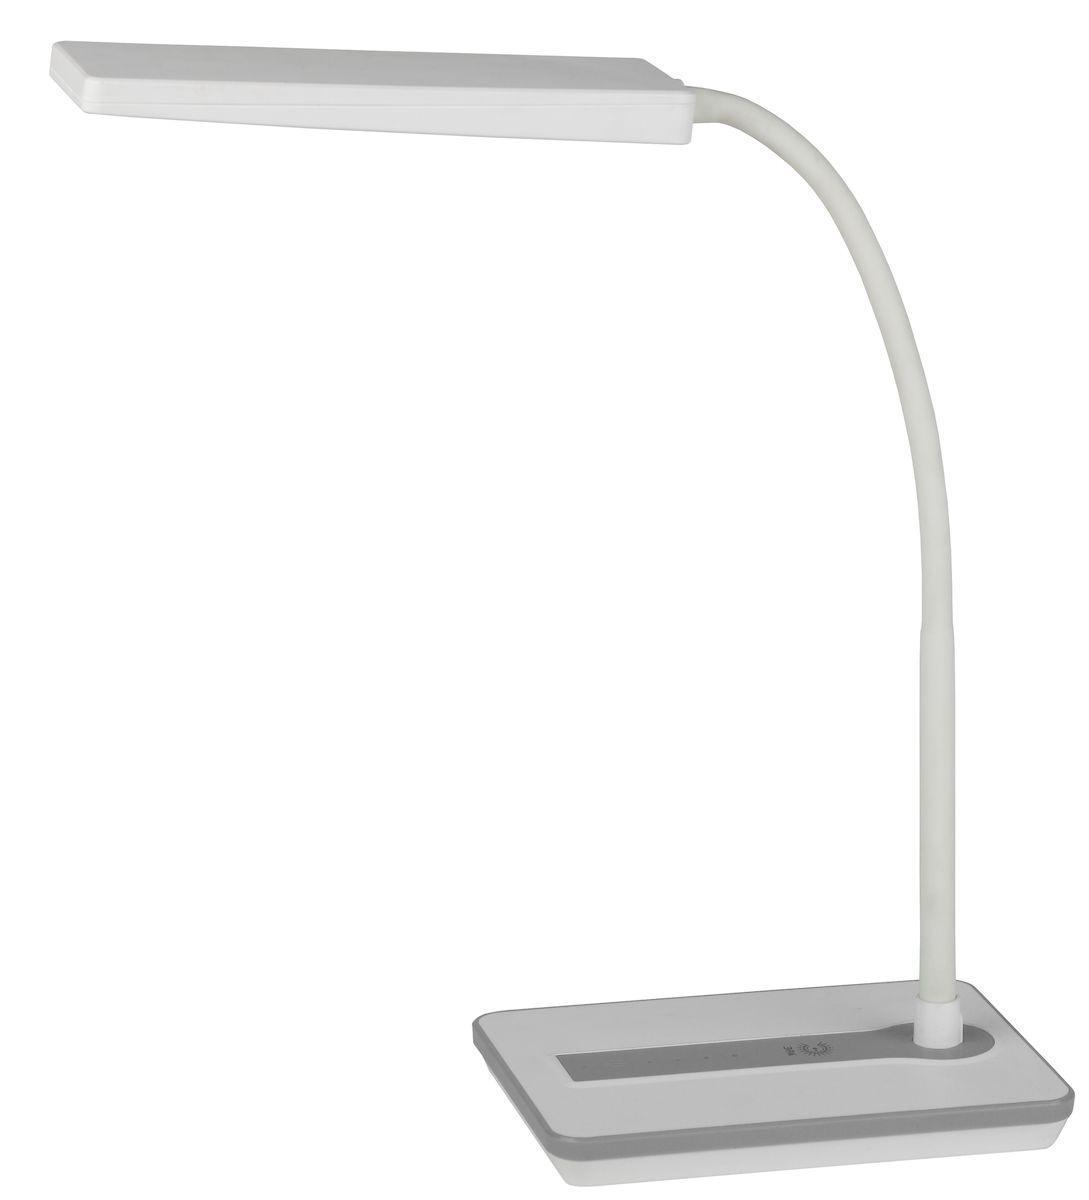 Настольный светильник ЭРА NLED-446-9W-W, цвет: белыйNLED-446-9W-WСветильник со светодиодами (LED) в качестве источников света, которые экономят до 90% электроэнергии и не требуют замены на протяжении всего срока службы светильника. Сенсорный переключатель на основании. Четырехступенчатый диммер для регулировки яркости. Высота плафона регулируется гибкой стойкой, направление света регулируется поворотом плафона в любом направлении. Теплый свет, аналогичный свету лампы накаливания - цветовая температура 3000К.